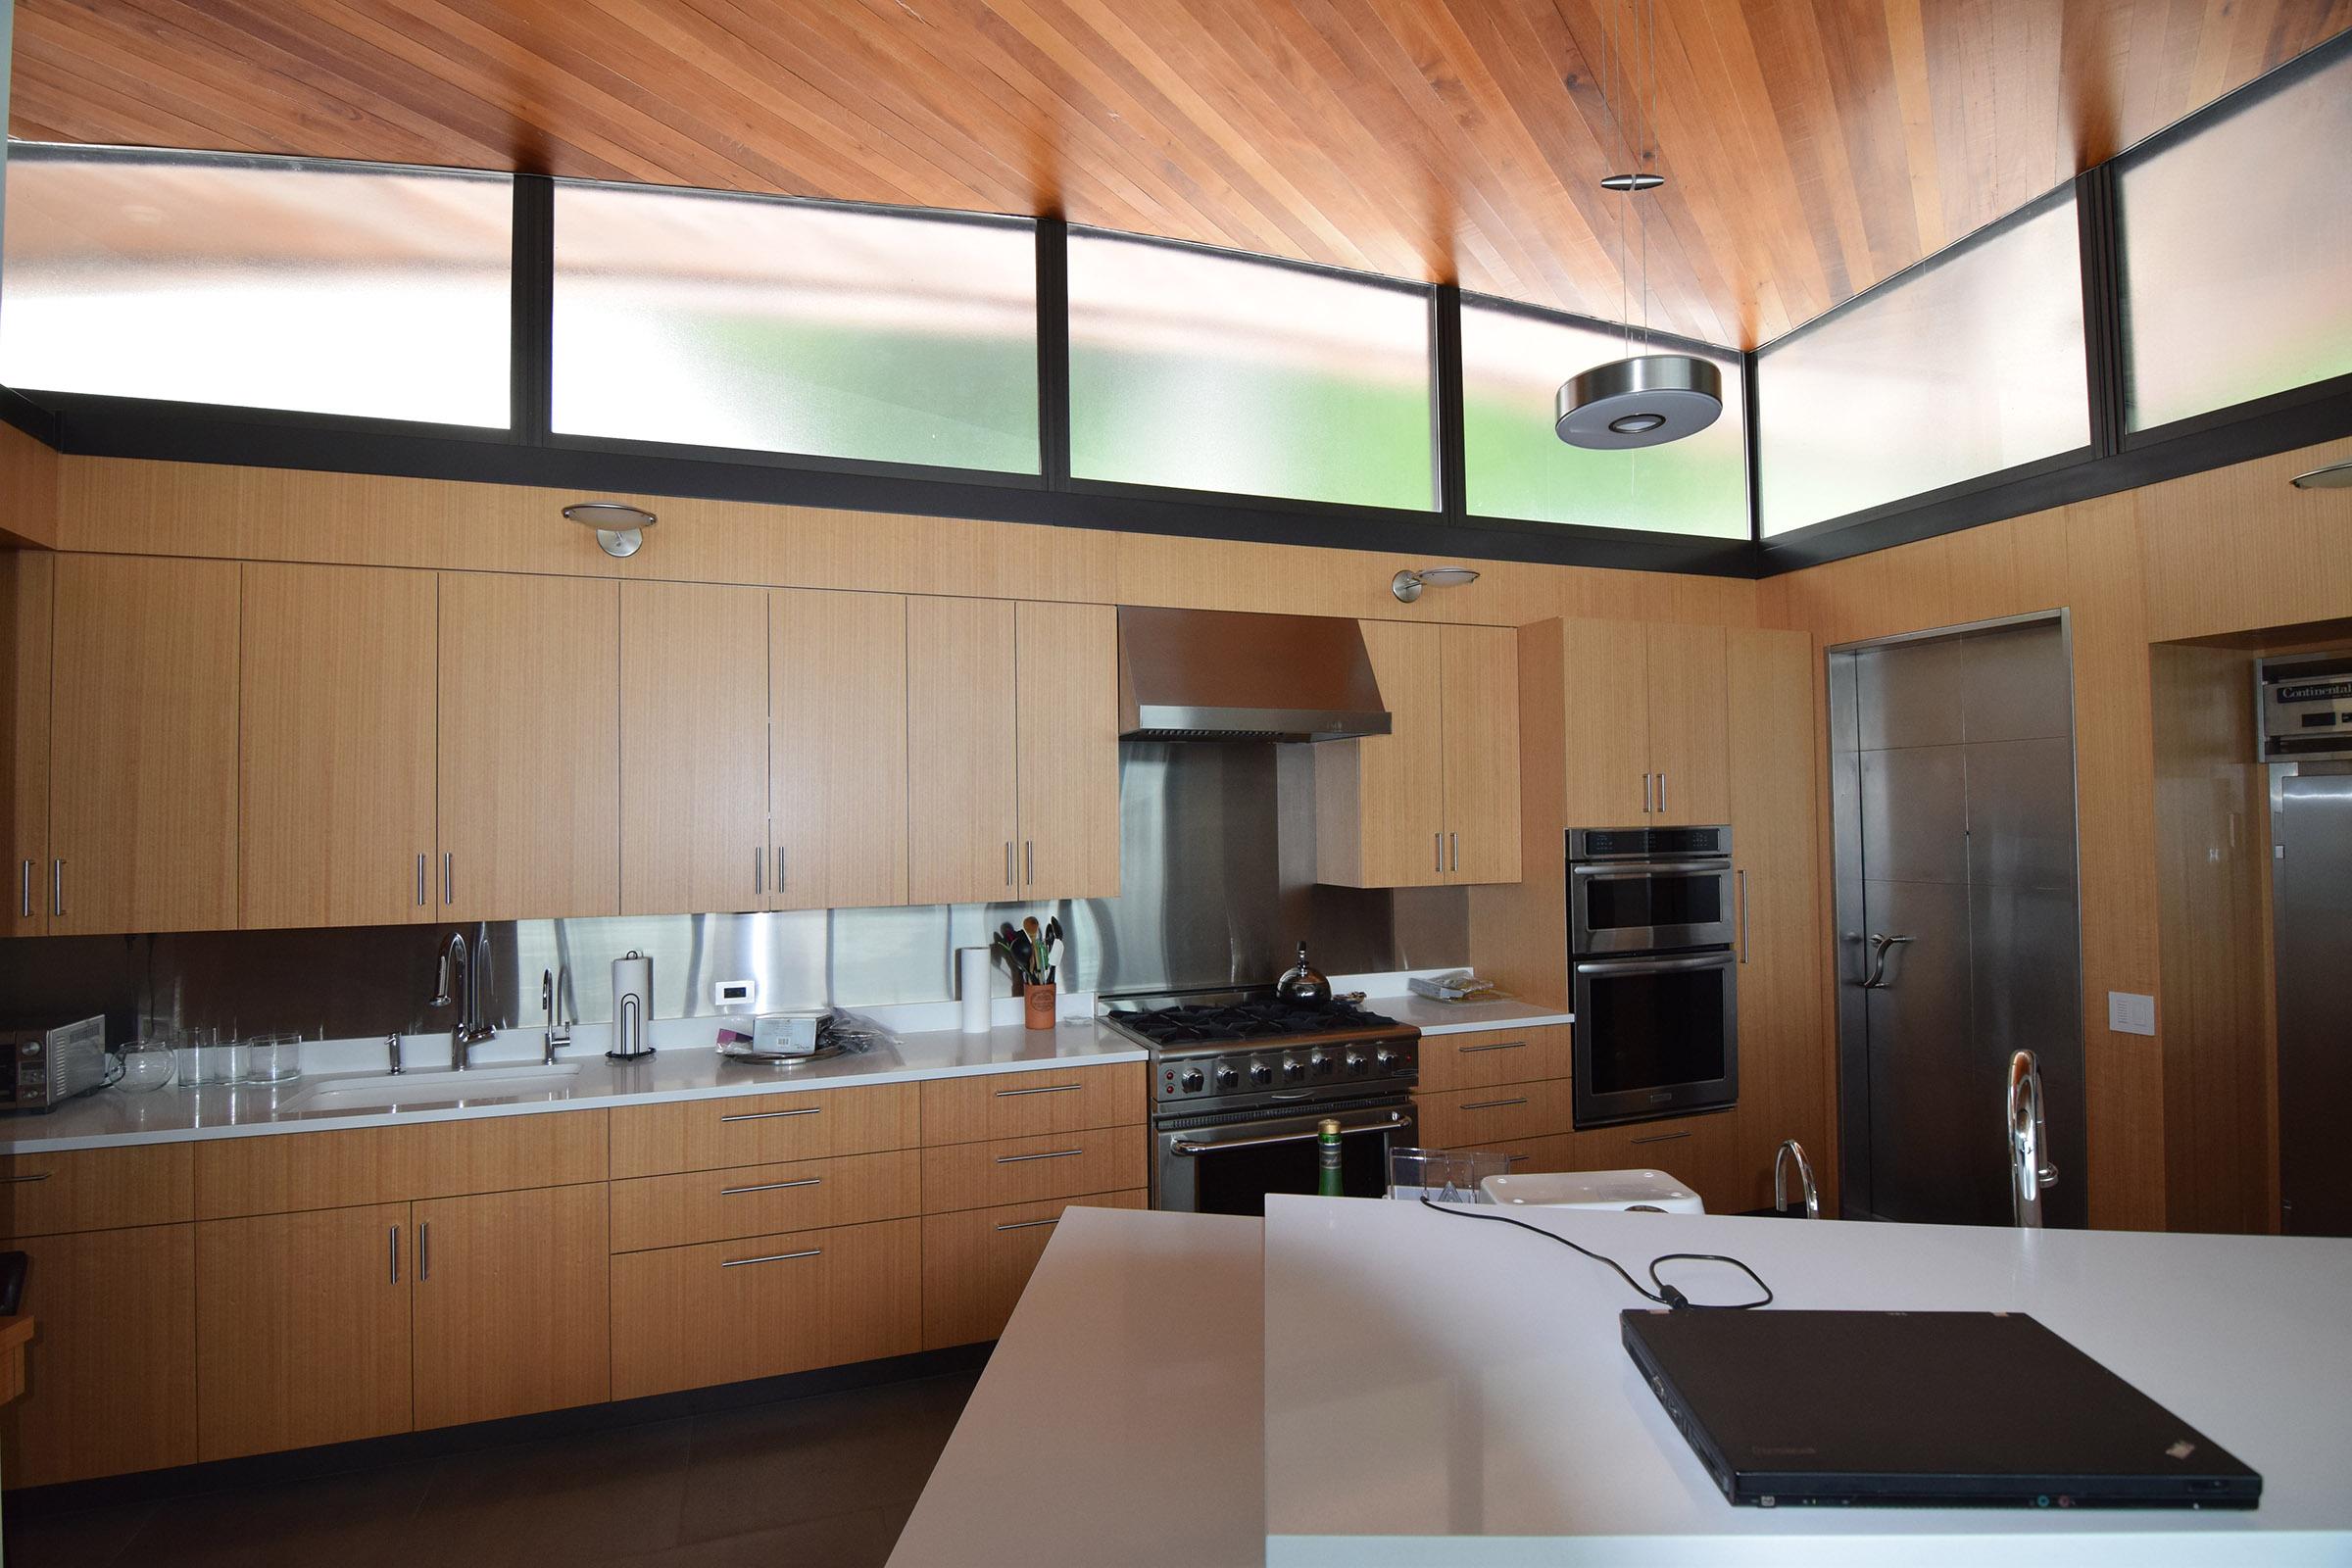 Rift Anigre Custom Kitchen Cabinets